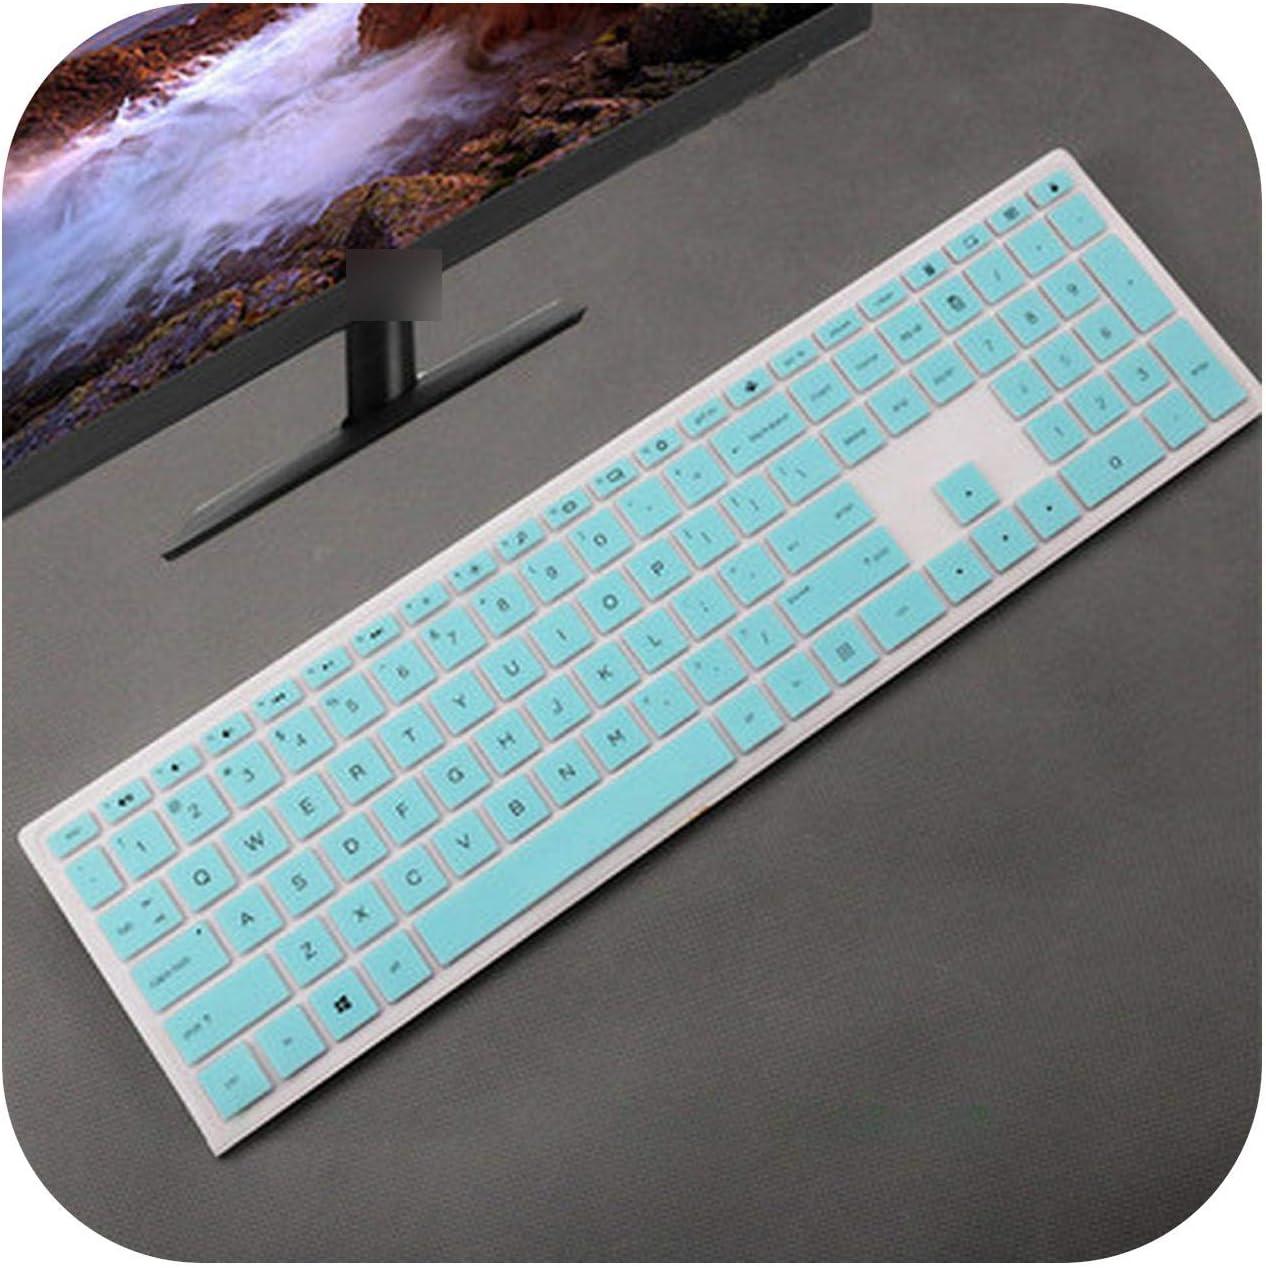 Protector de teclado para ordenador HP Pavilion 24 Xa, protector de pantalla de teclado de escritorio para ordenador todo en uno HP Pavilion 24 Xa 24 ...